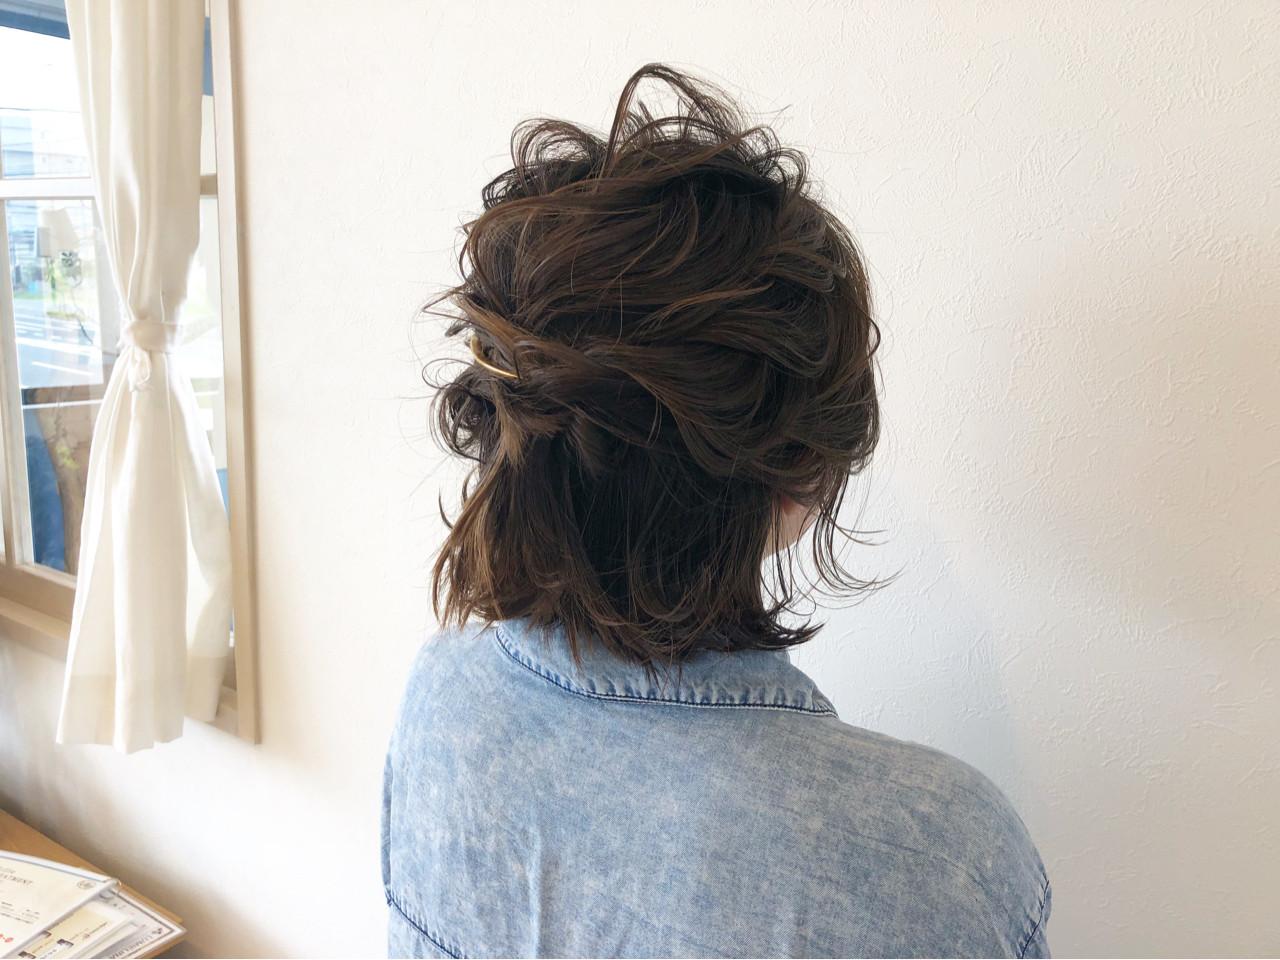 ナチュラル ハーフアップ ヘアアレンジ ミディアム ヘアスタイルや髪型の写真・画像